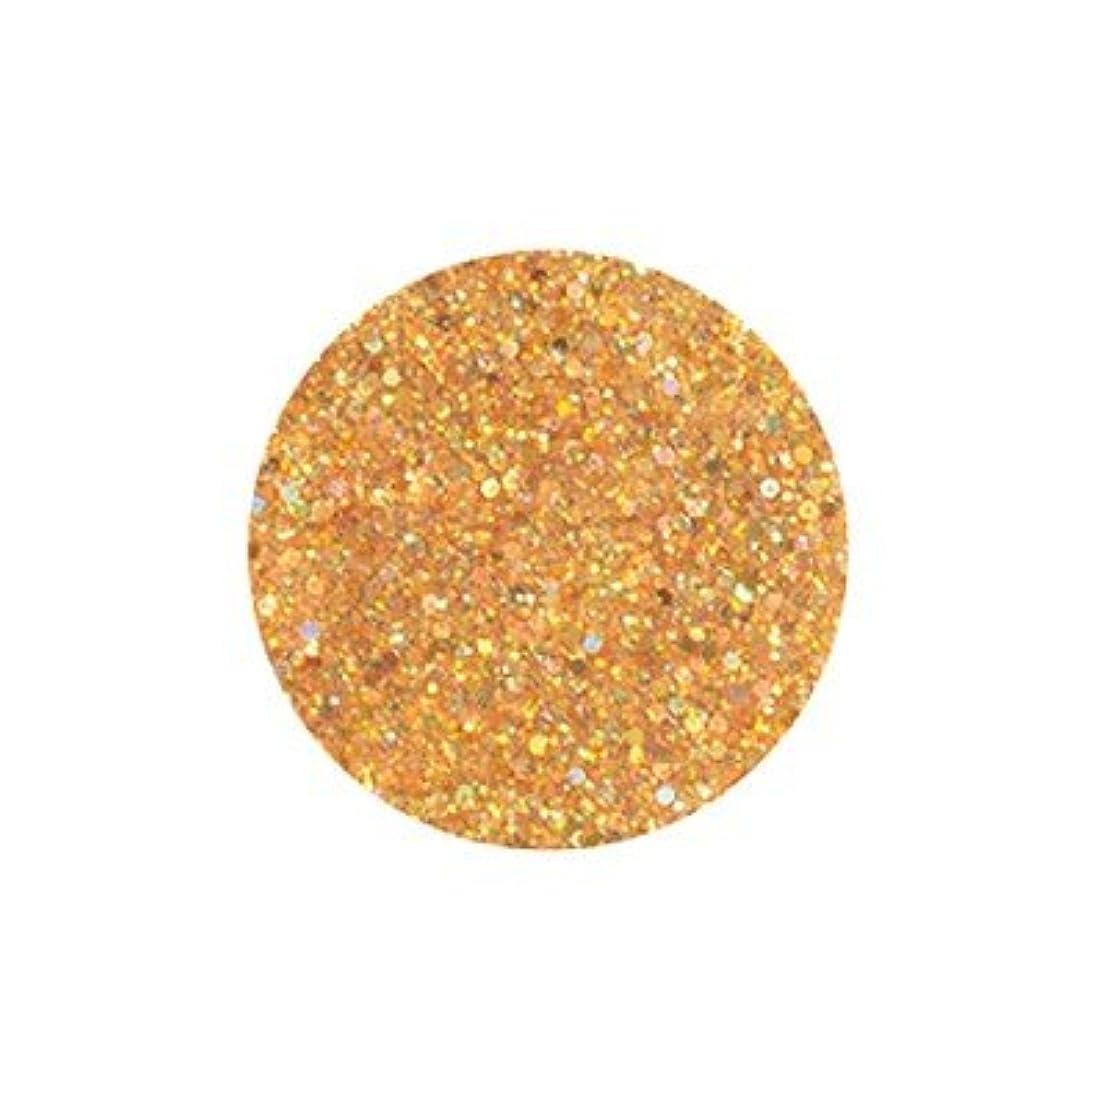 可聴潮ローンFANTASY NAIL ダイヤモンドコレクション 3g 4254XS カラーパウダー アート材